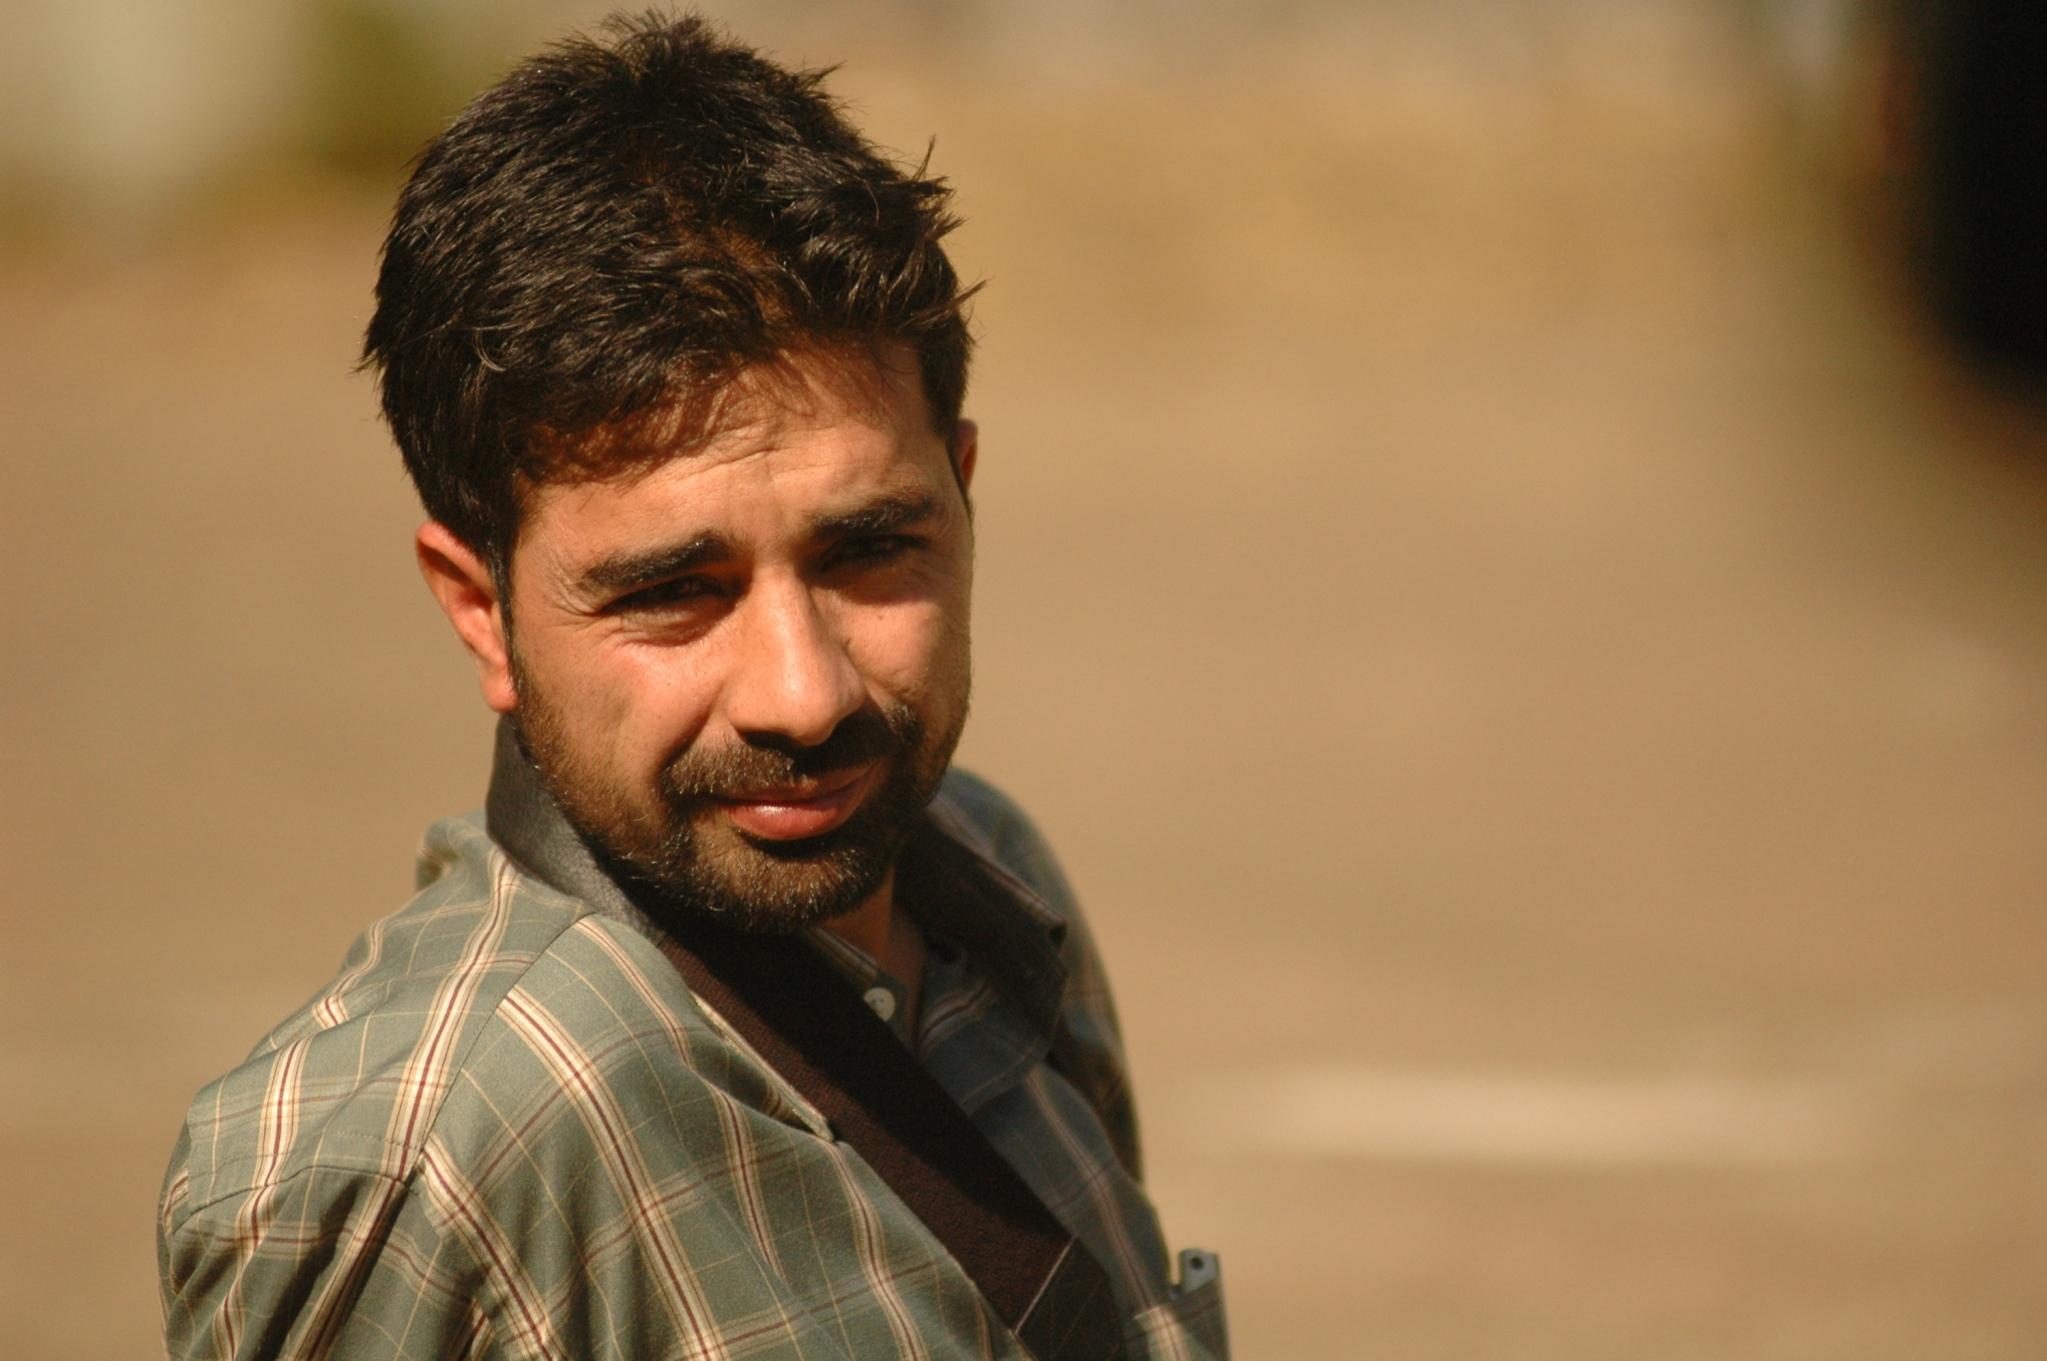 Riyaz Ahmad